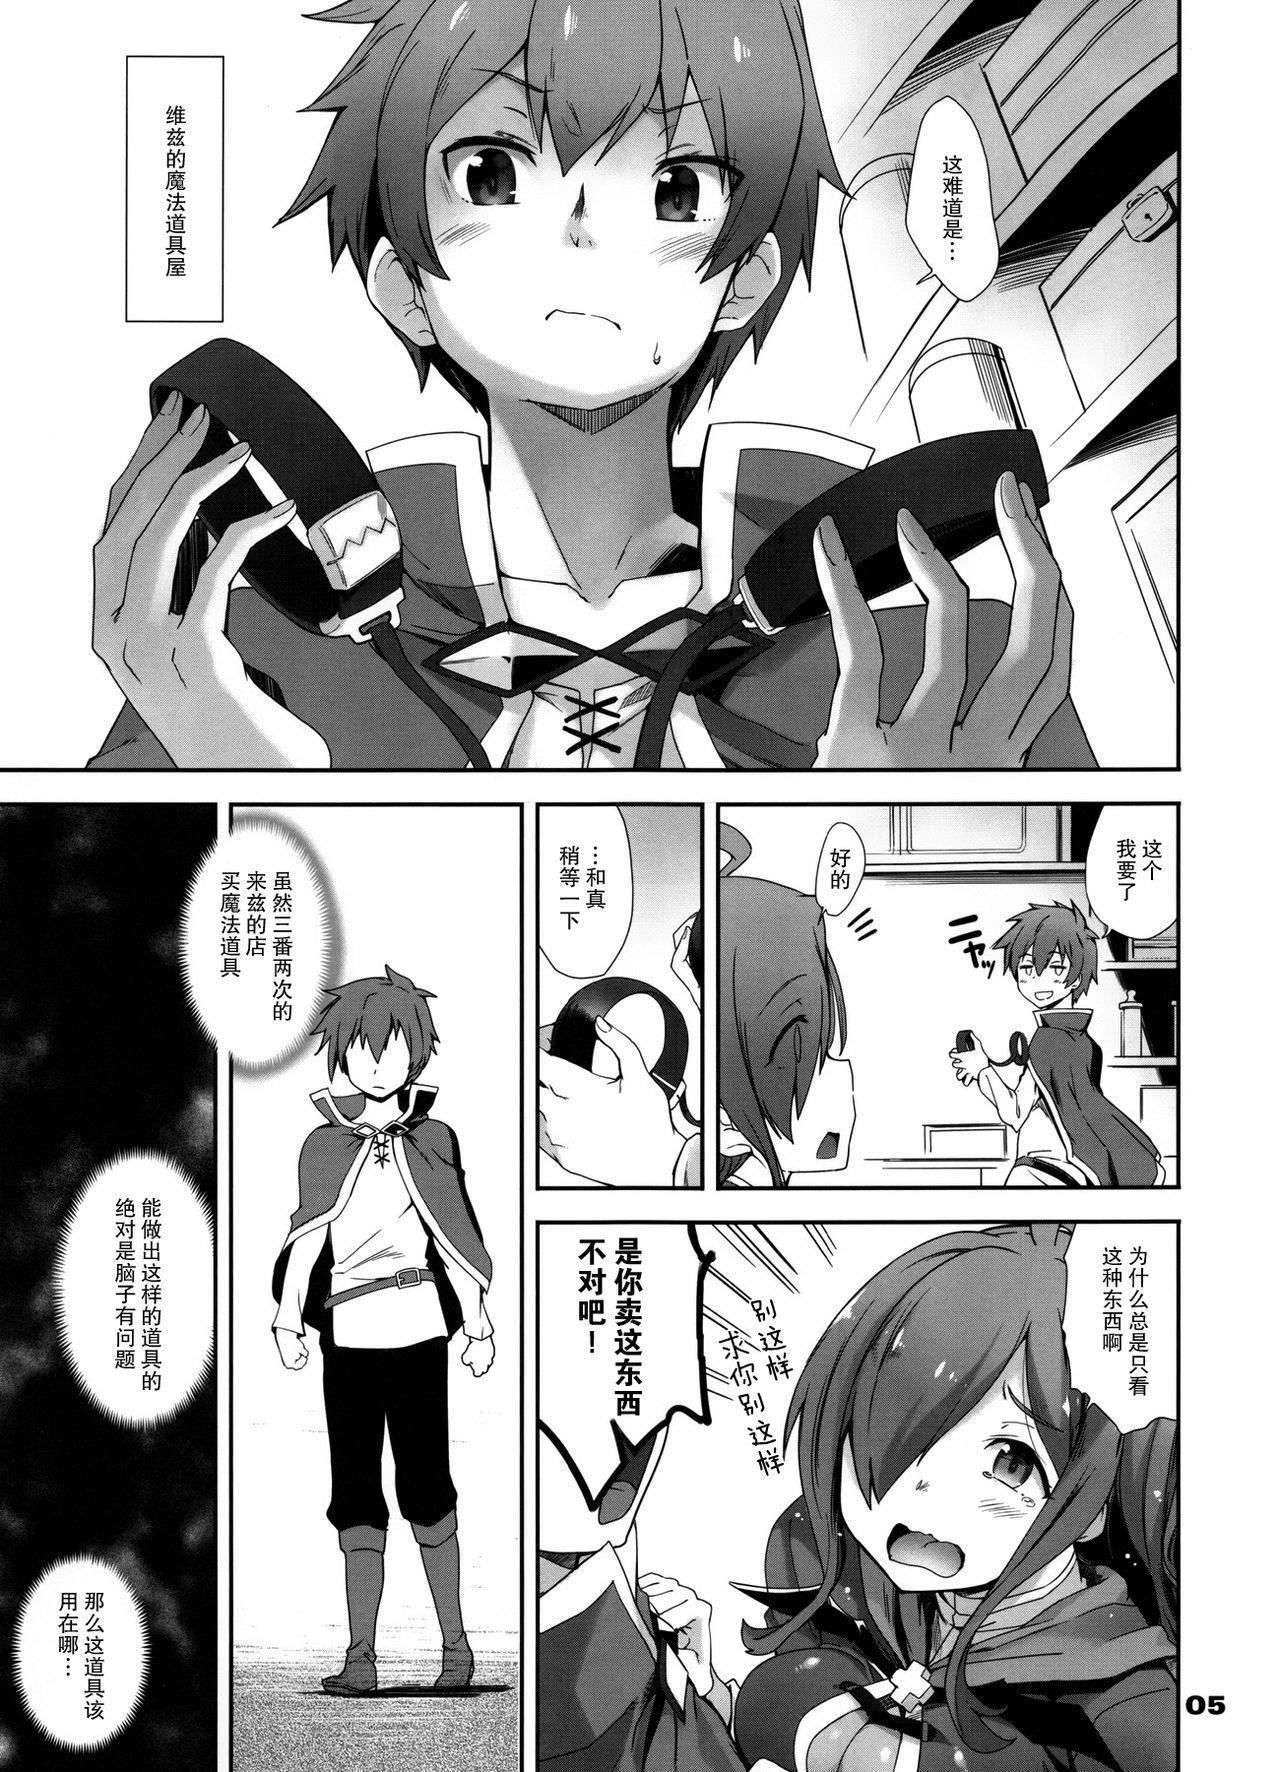 Kotoba ya Moji o Tsukawanakute mo Kokoro ga Tsuujiau Koto tte Nandakke? 4